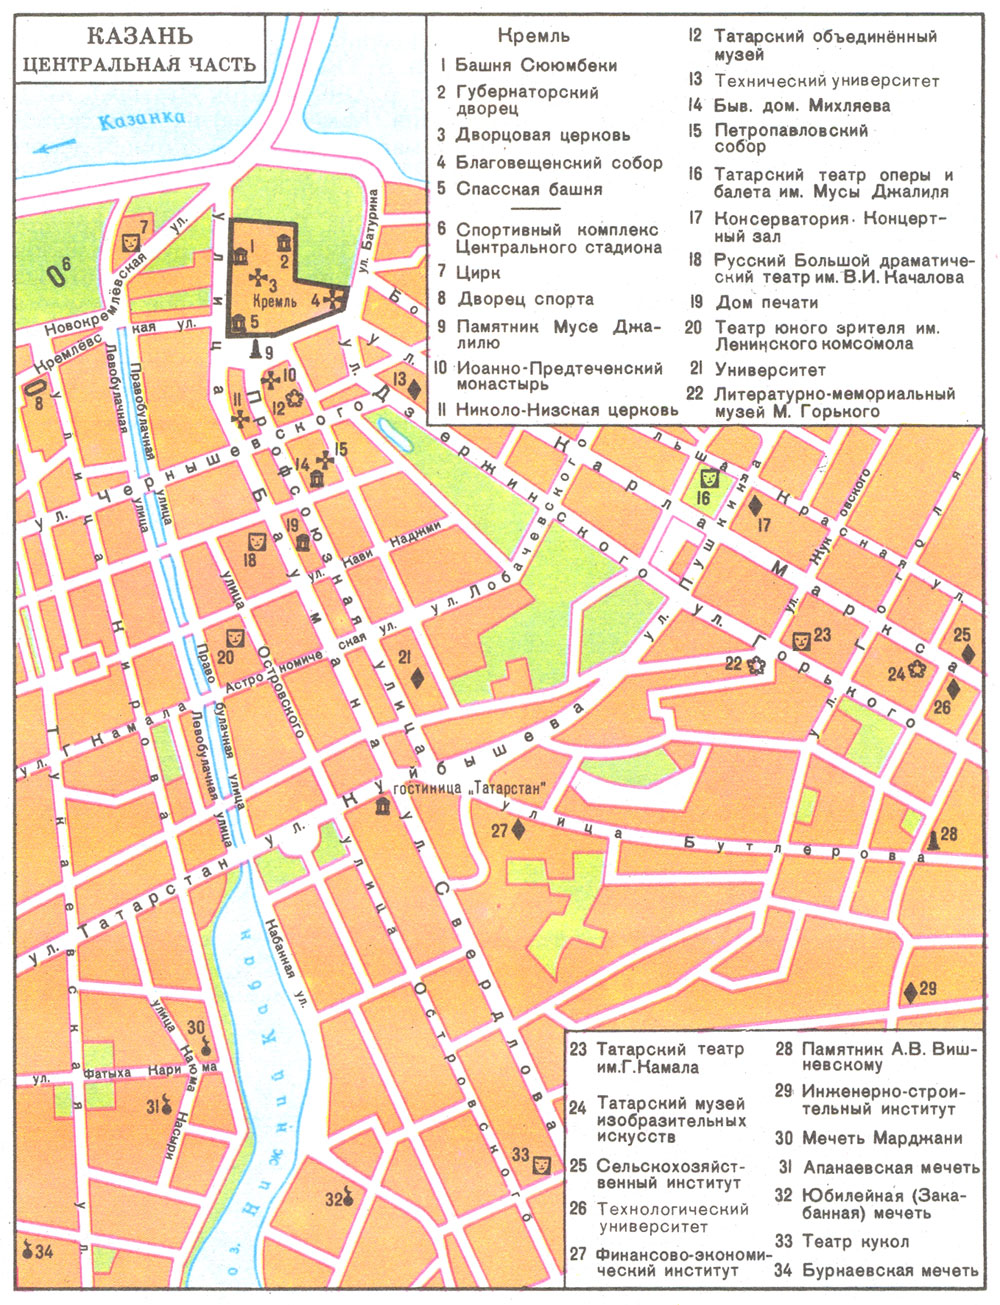 схема автобусных маршрутов казани 2012.